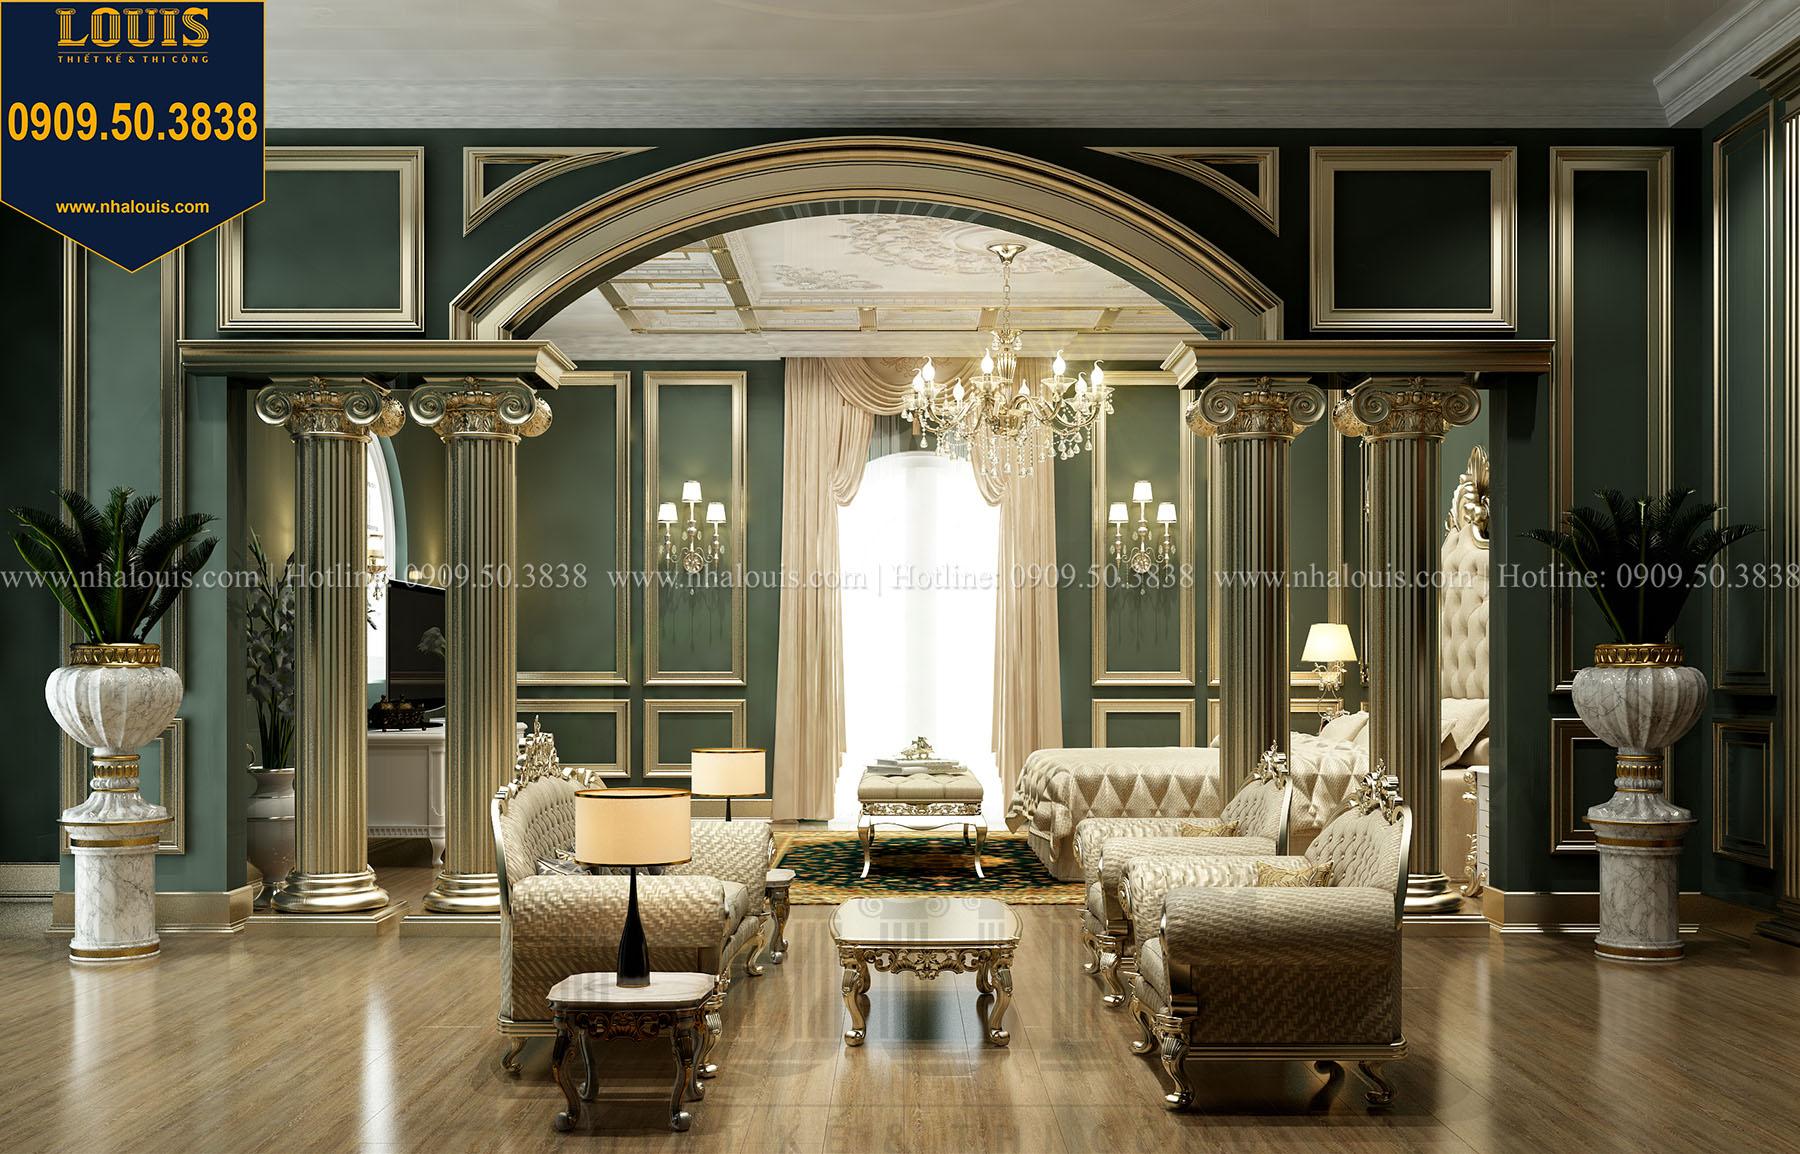 Phòng ngủ master Biệt thự Châu Âu cổ điển chuẩn sang chảnh tại Nhà Bè - 027